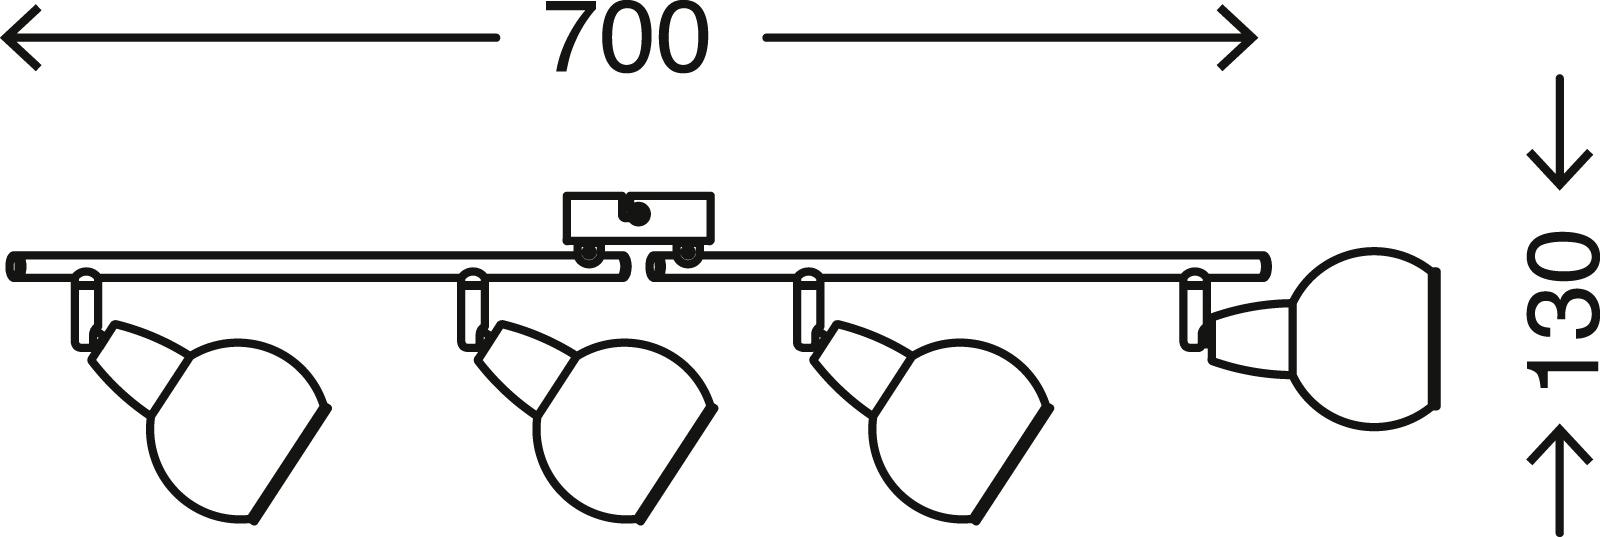 Spot Deckenleuchte, 70 cm, max. 40 W, Matt-Nickel-Weiss